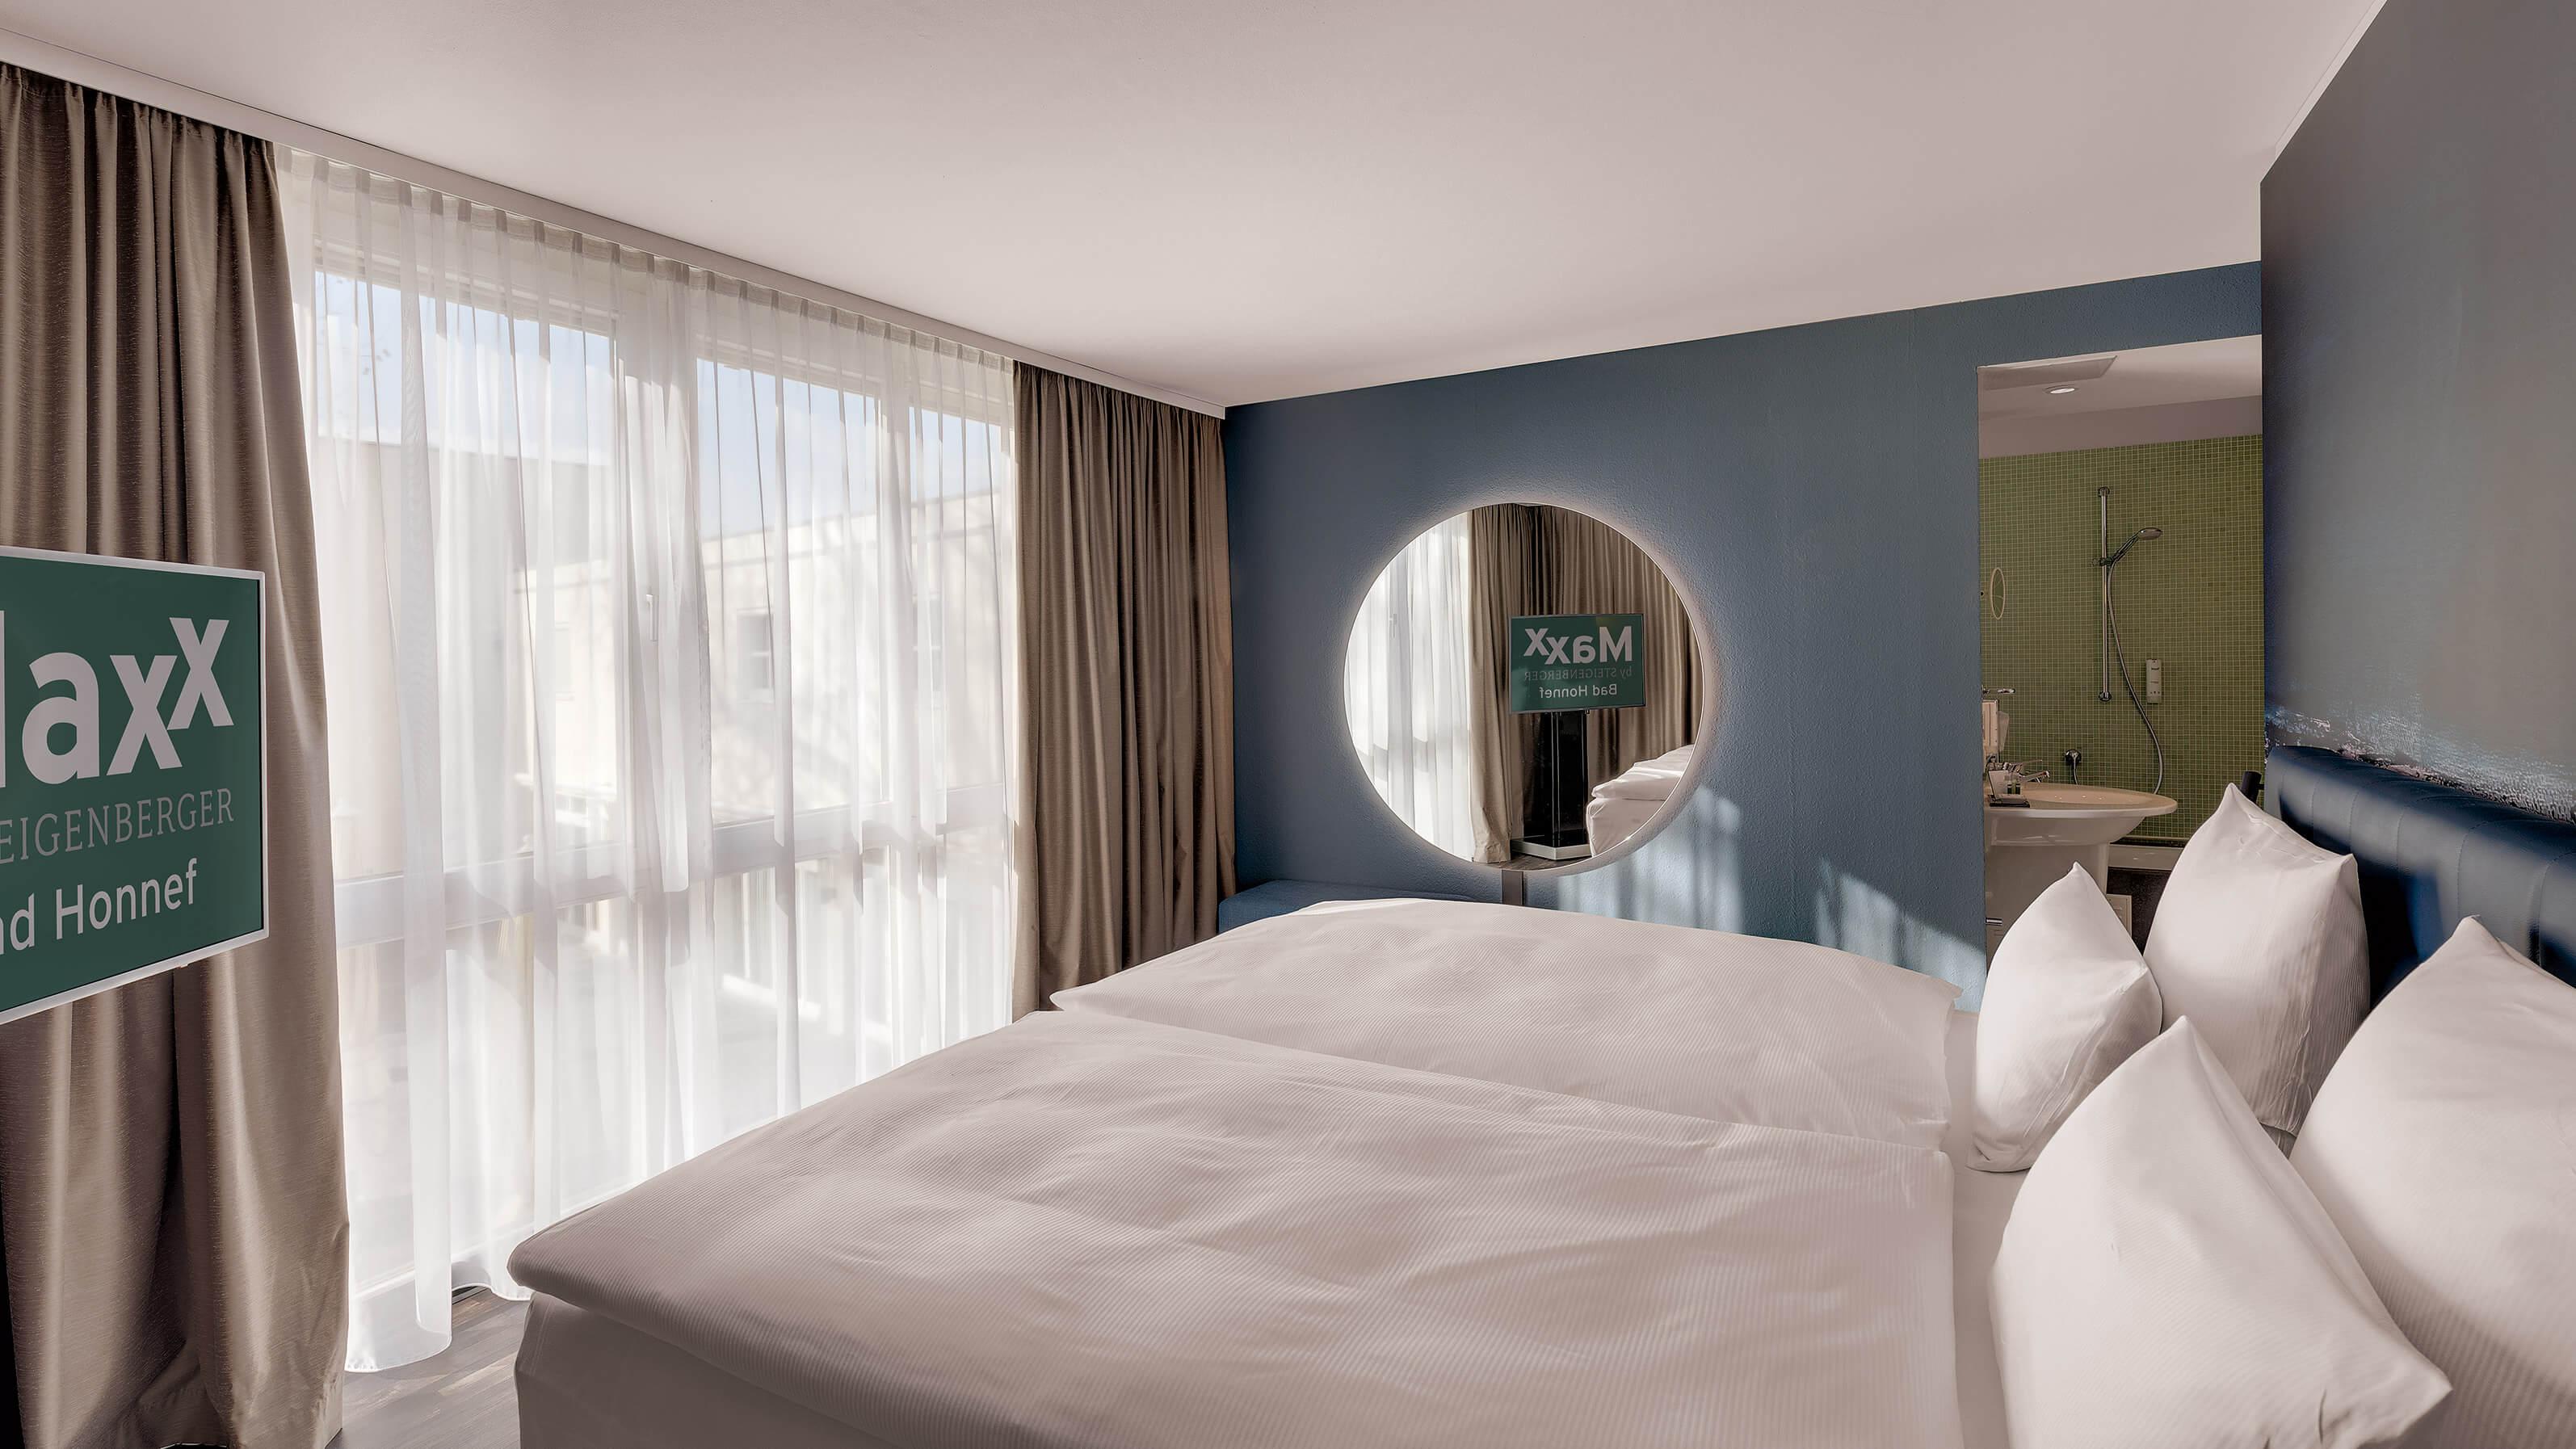 hotelausstattung-hoteleinrichtungen-bachhuber-bad-hohonnef8